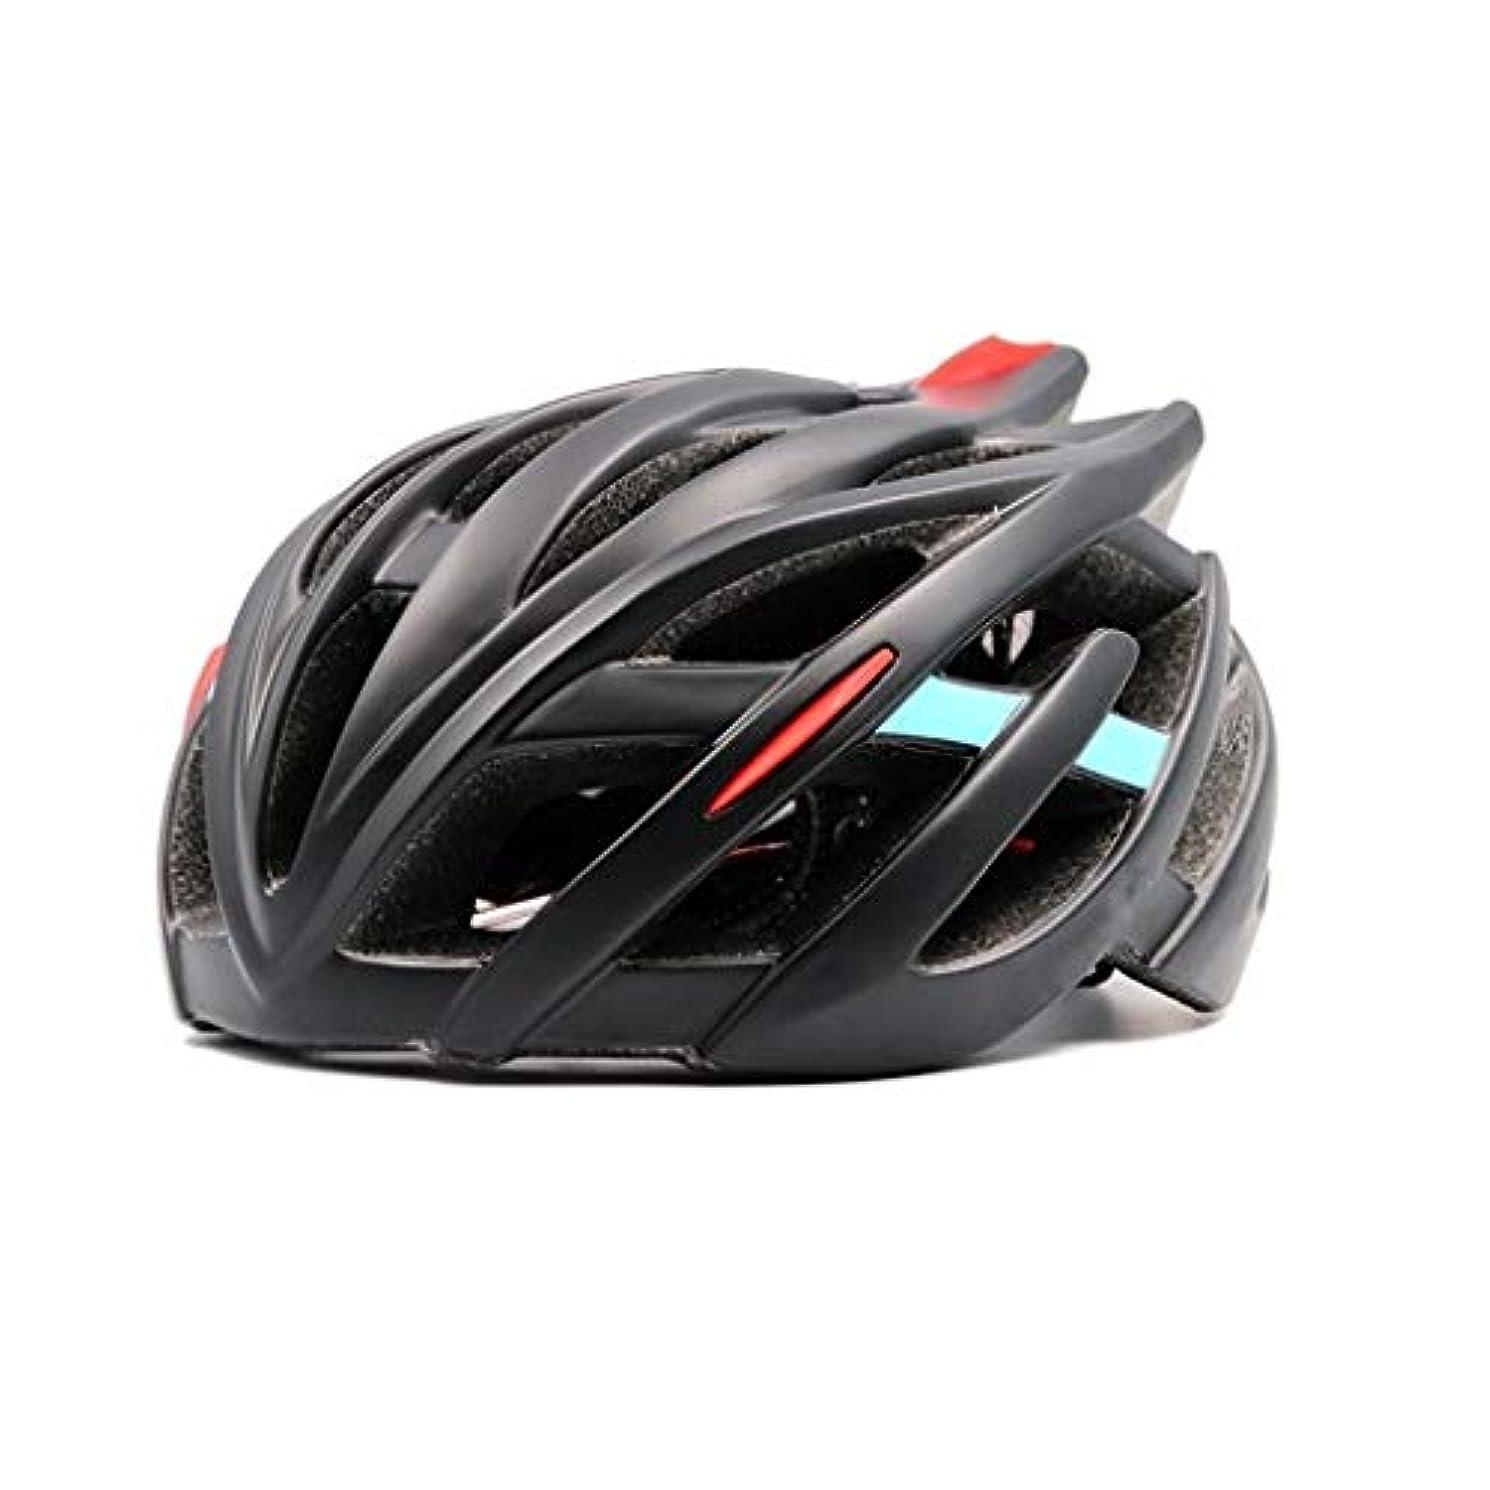 電子レンジパーセント酸化するXSWZAQ サイクリングヘルメット男性マウンテンバイクヘルメット女性ライト増加頭囲統合成形安全帽子道路